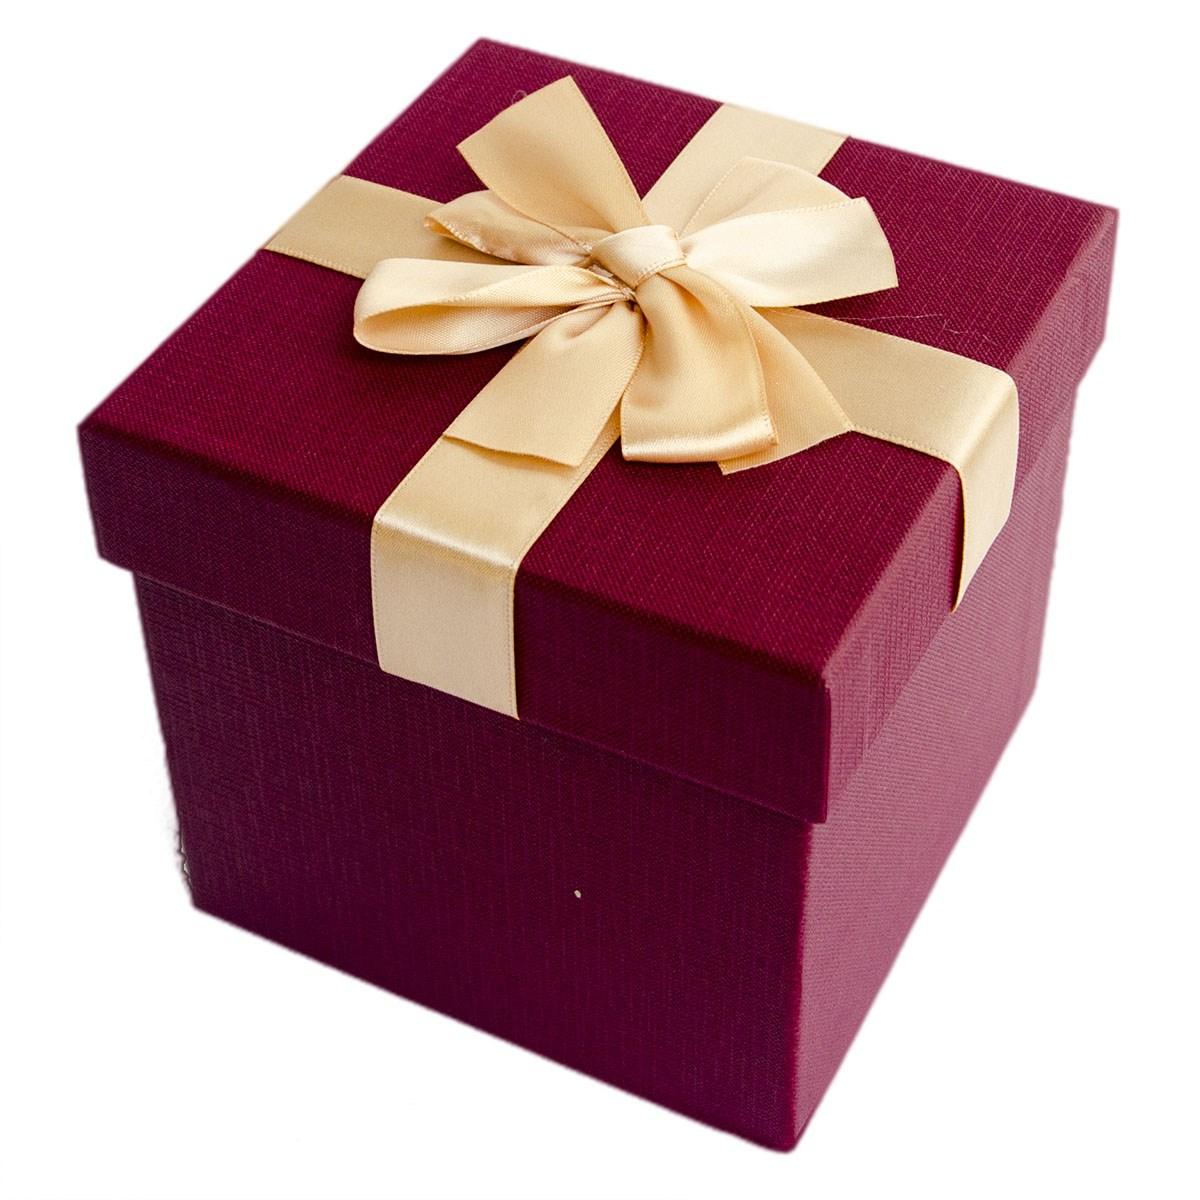 圣诞广东深圳正 礼物包装盒子礼品盒包装盒 纯色礼品盒正方体